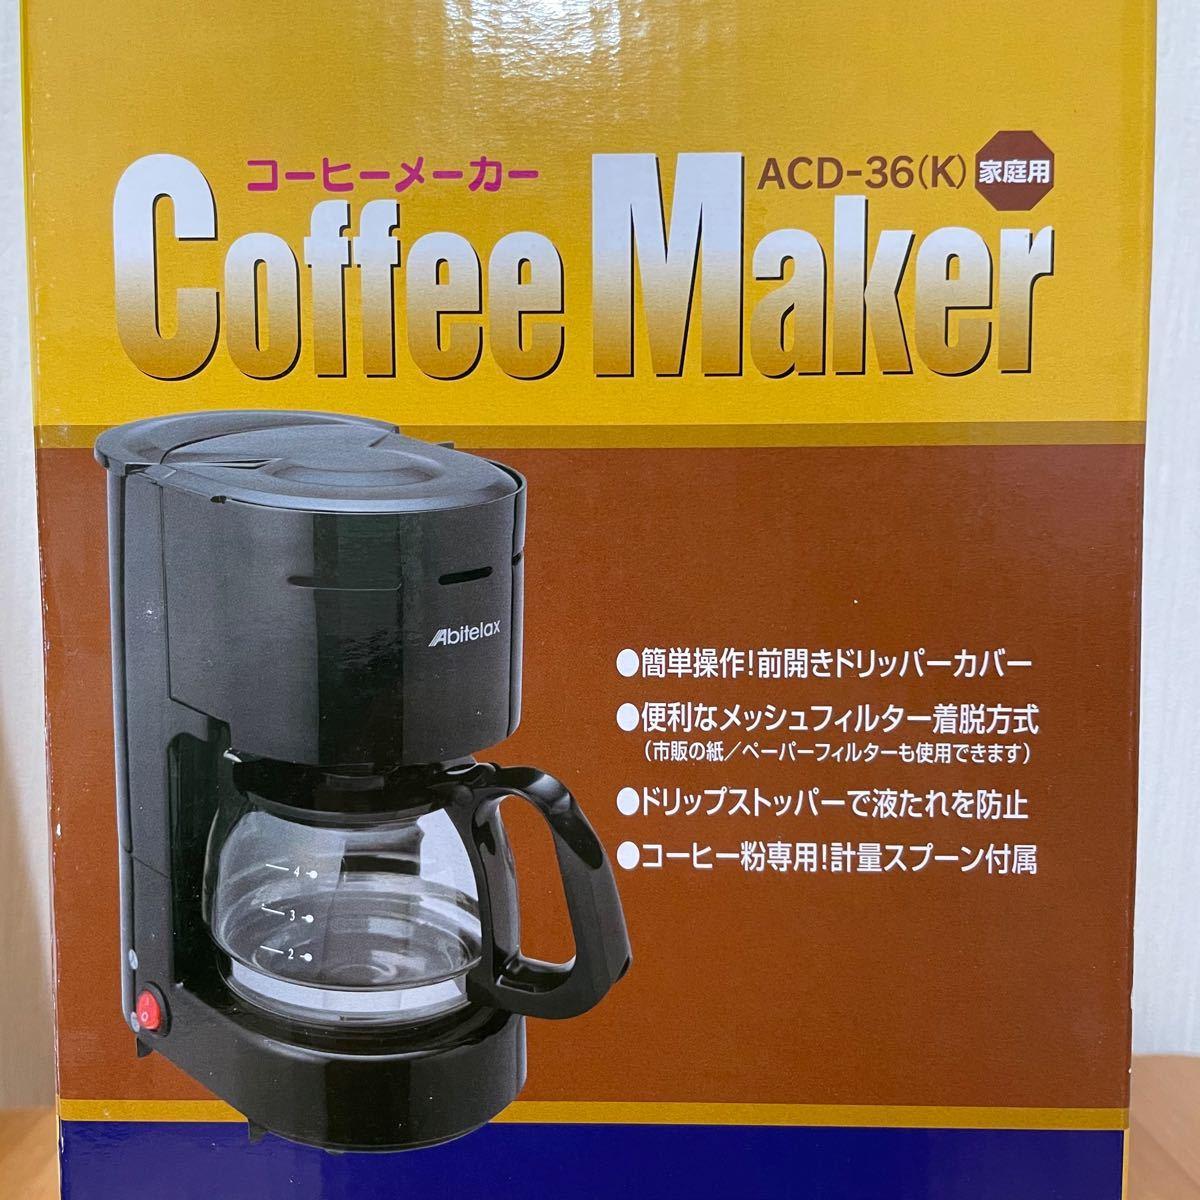 コーヒーメーカー アビテラックス Abitelax